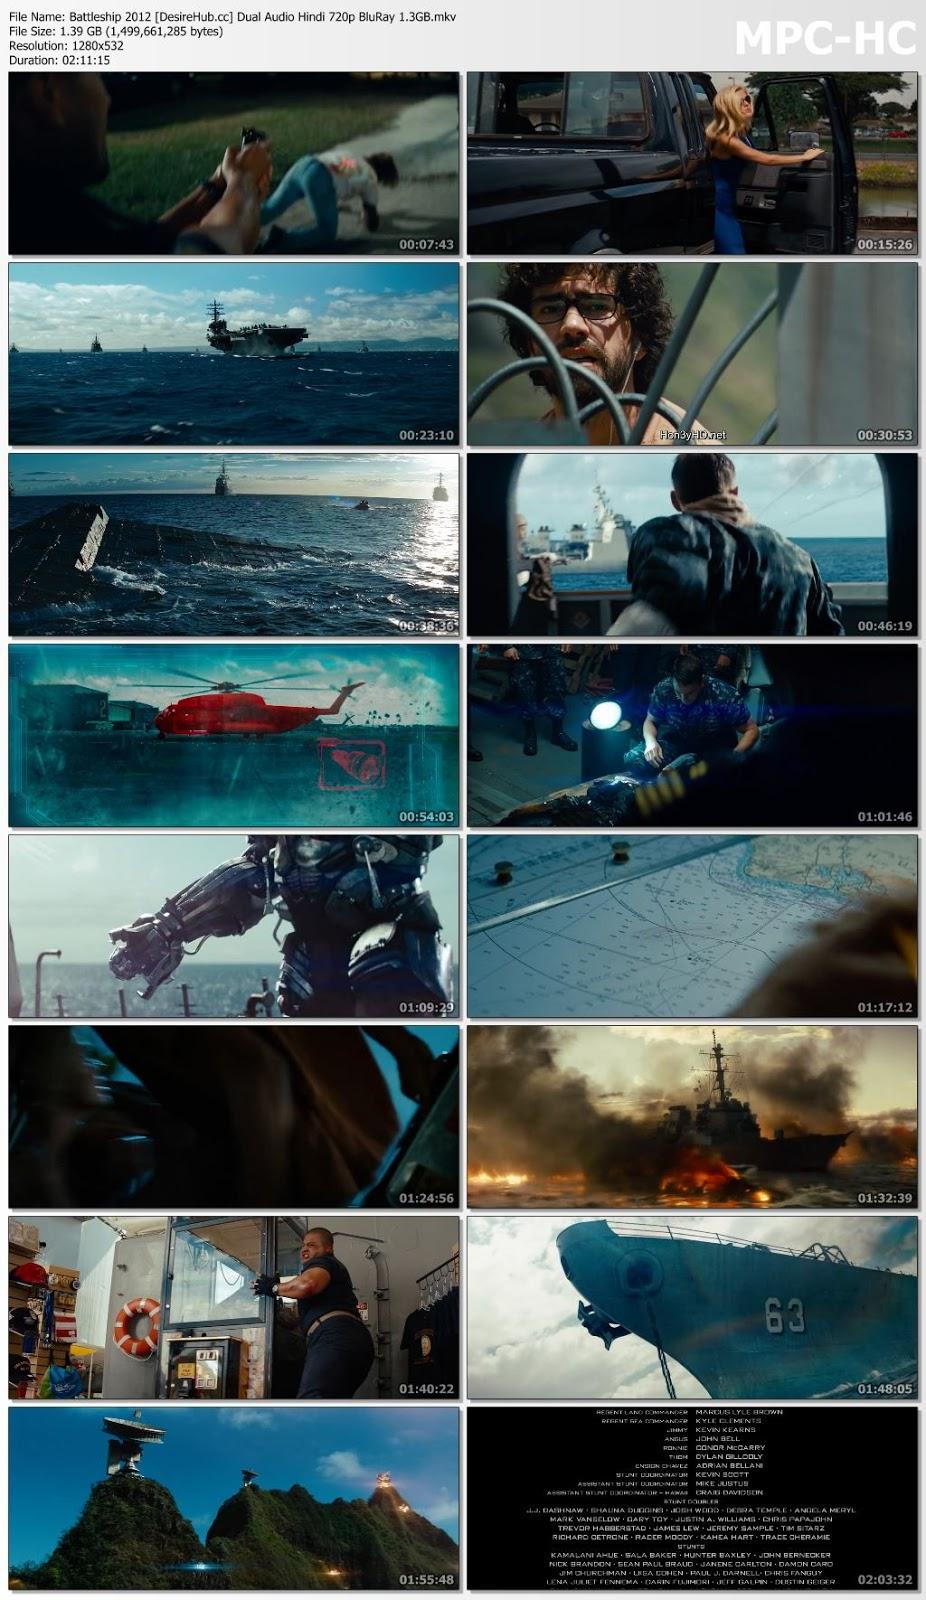 Battleship 2012 Dual Audio Hindi 720p BluRay 1.3GB Desirehub